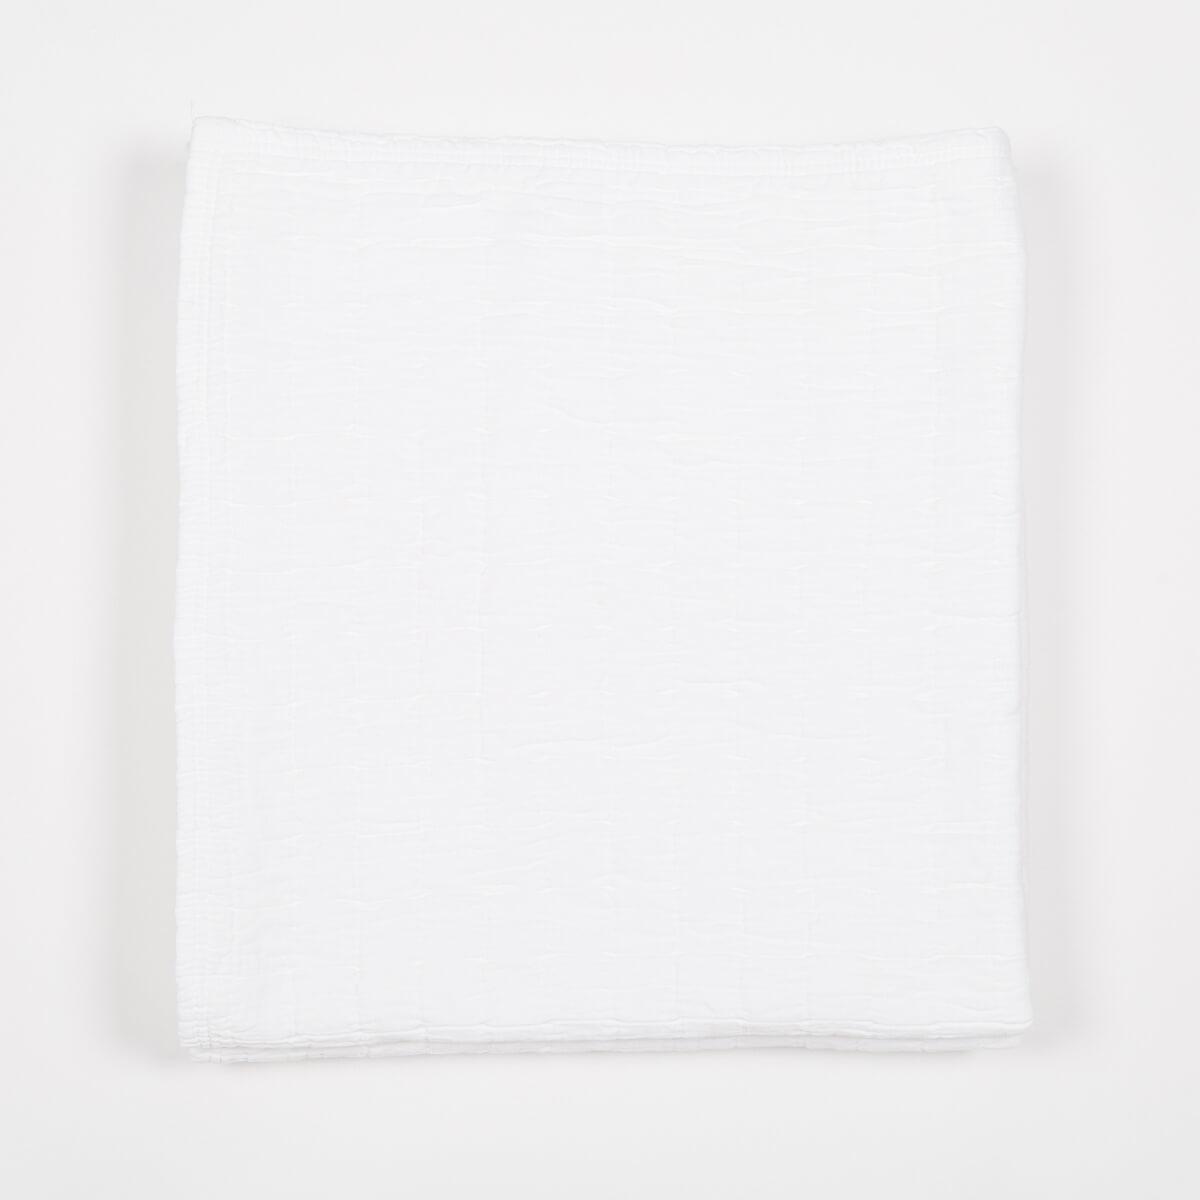 MATRI Aava bedspread white